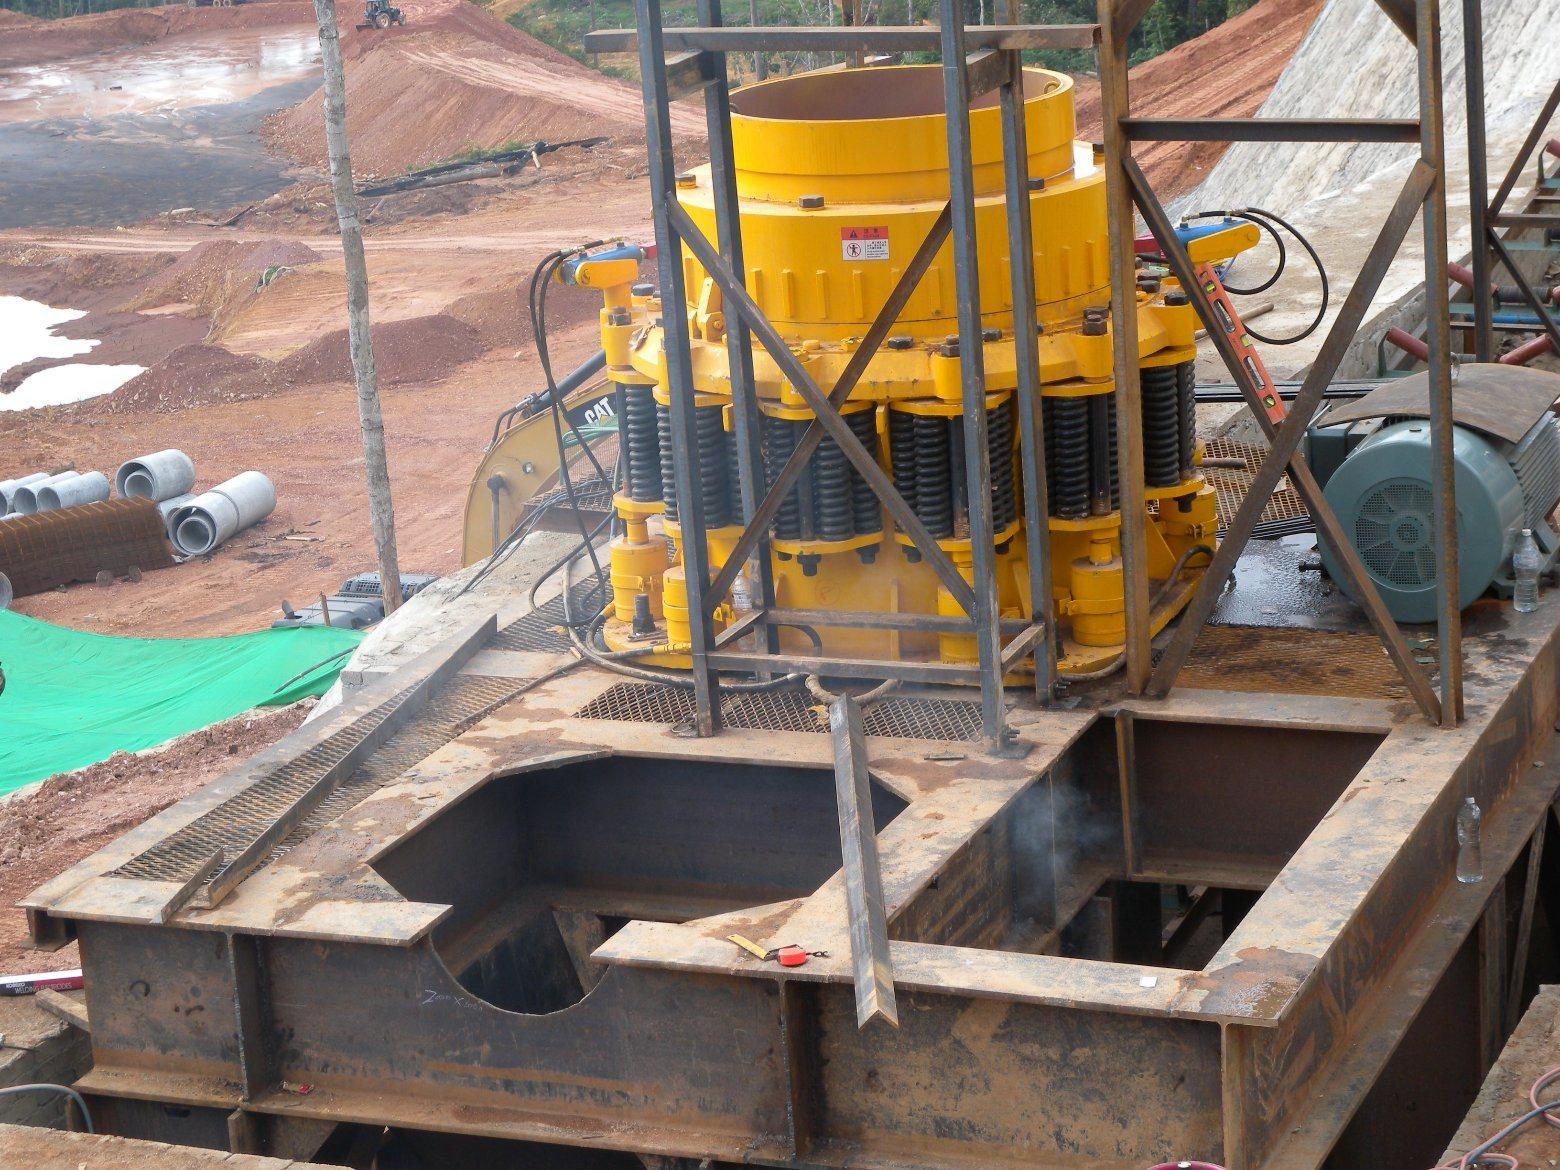 Hematite Iron Ore Crushing Plant